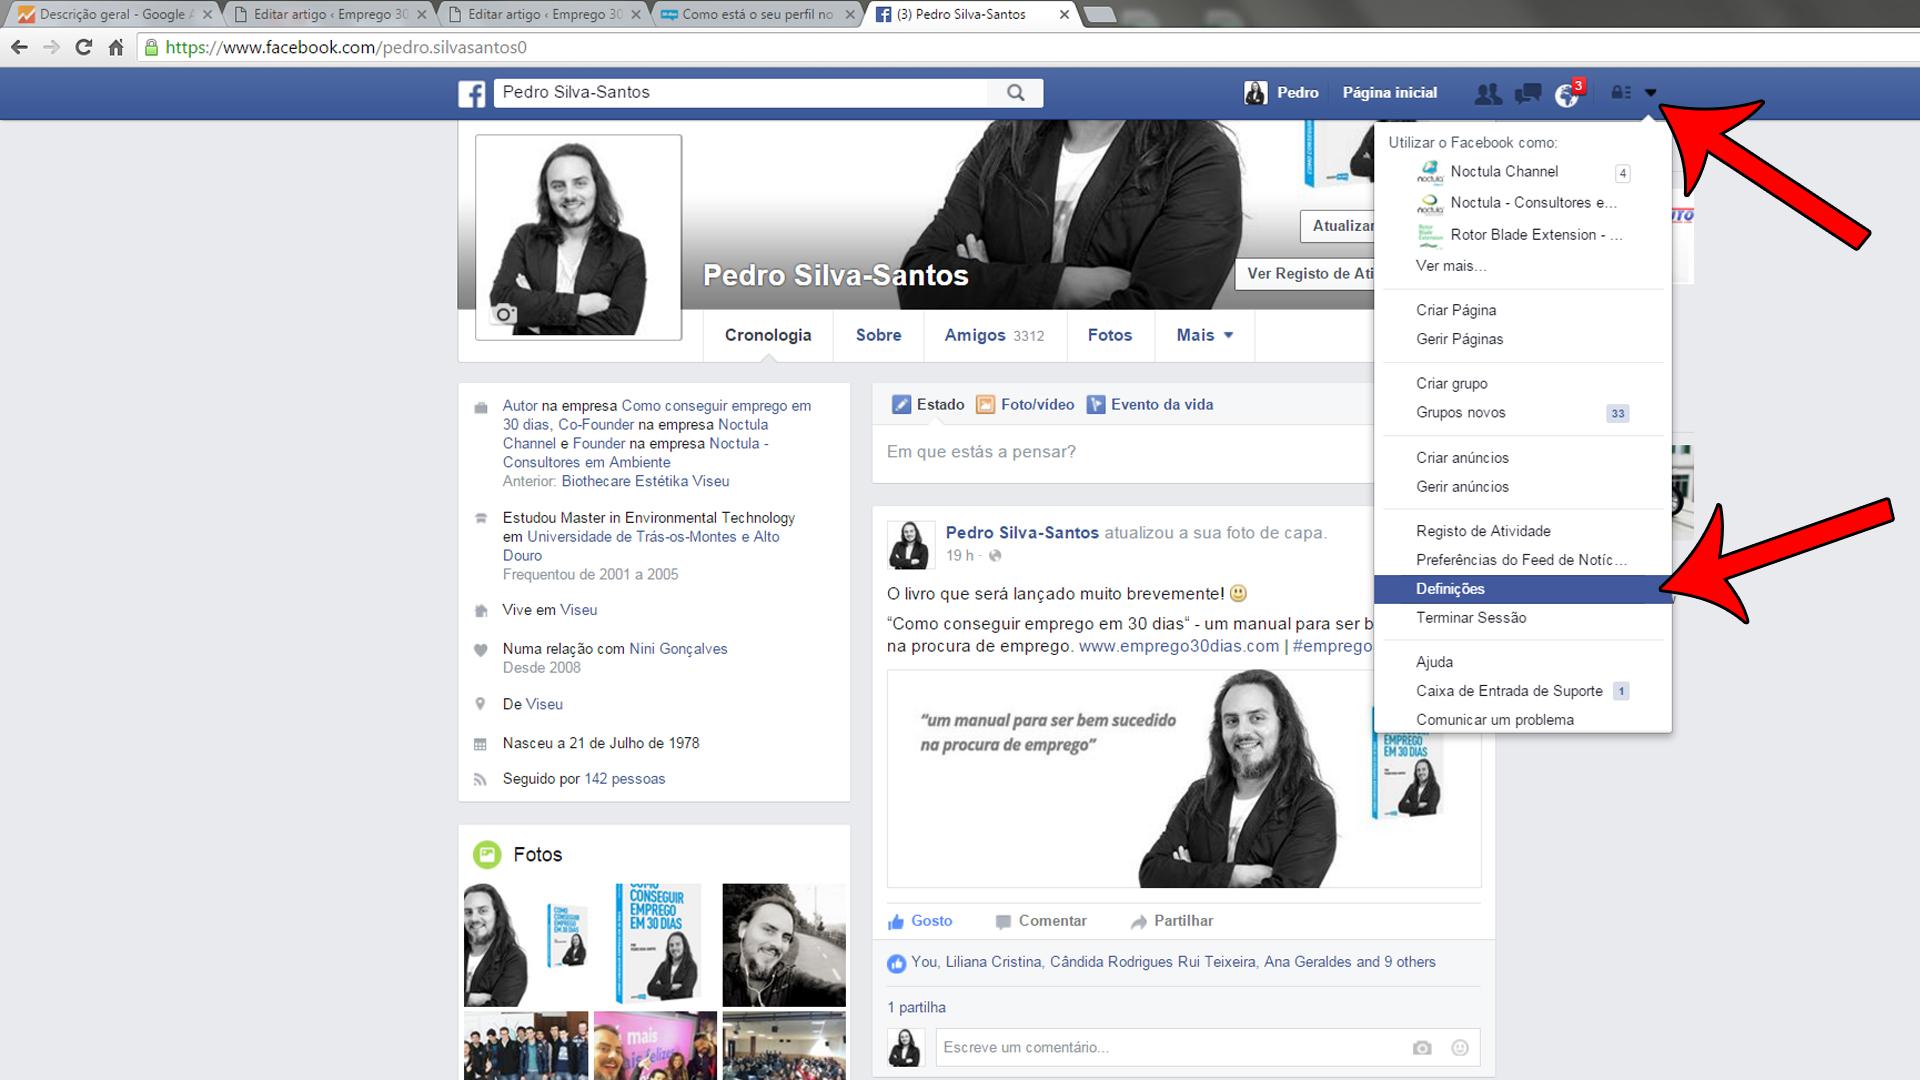 o seu perfil no Facebook-definições de privacidade